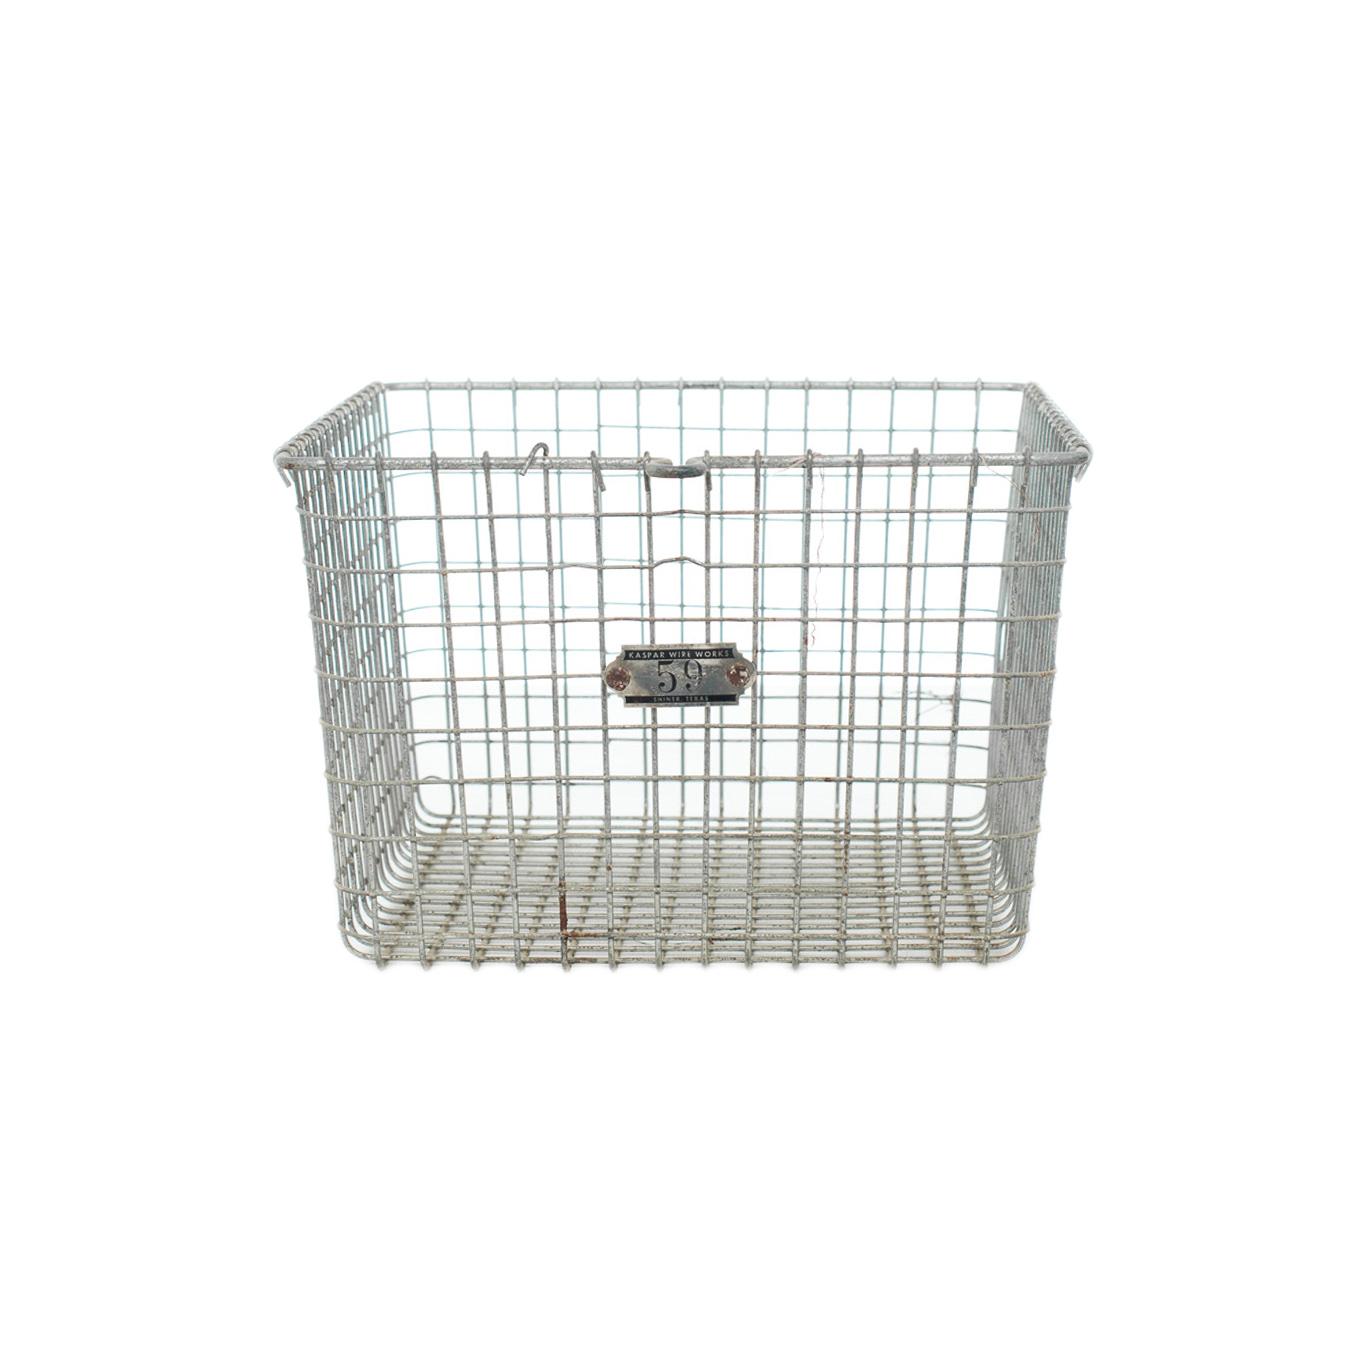 Locker Baskets